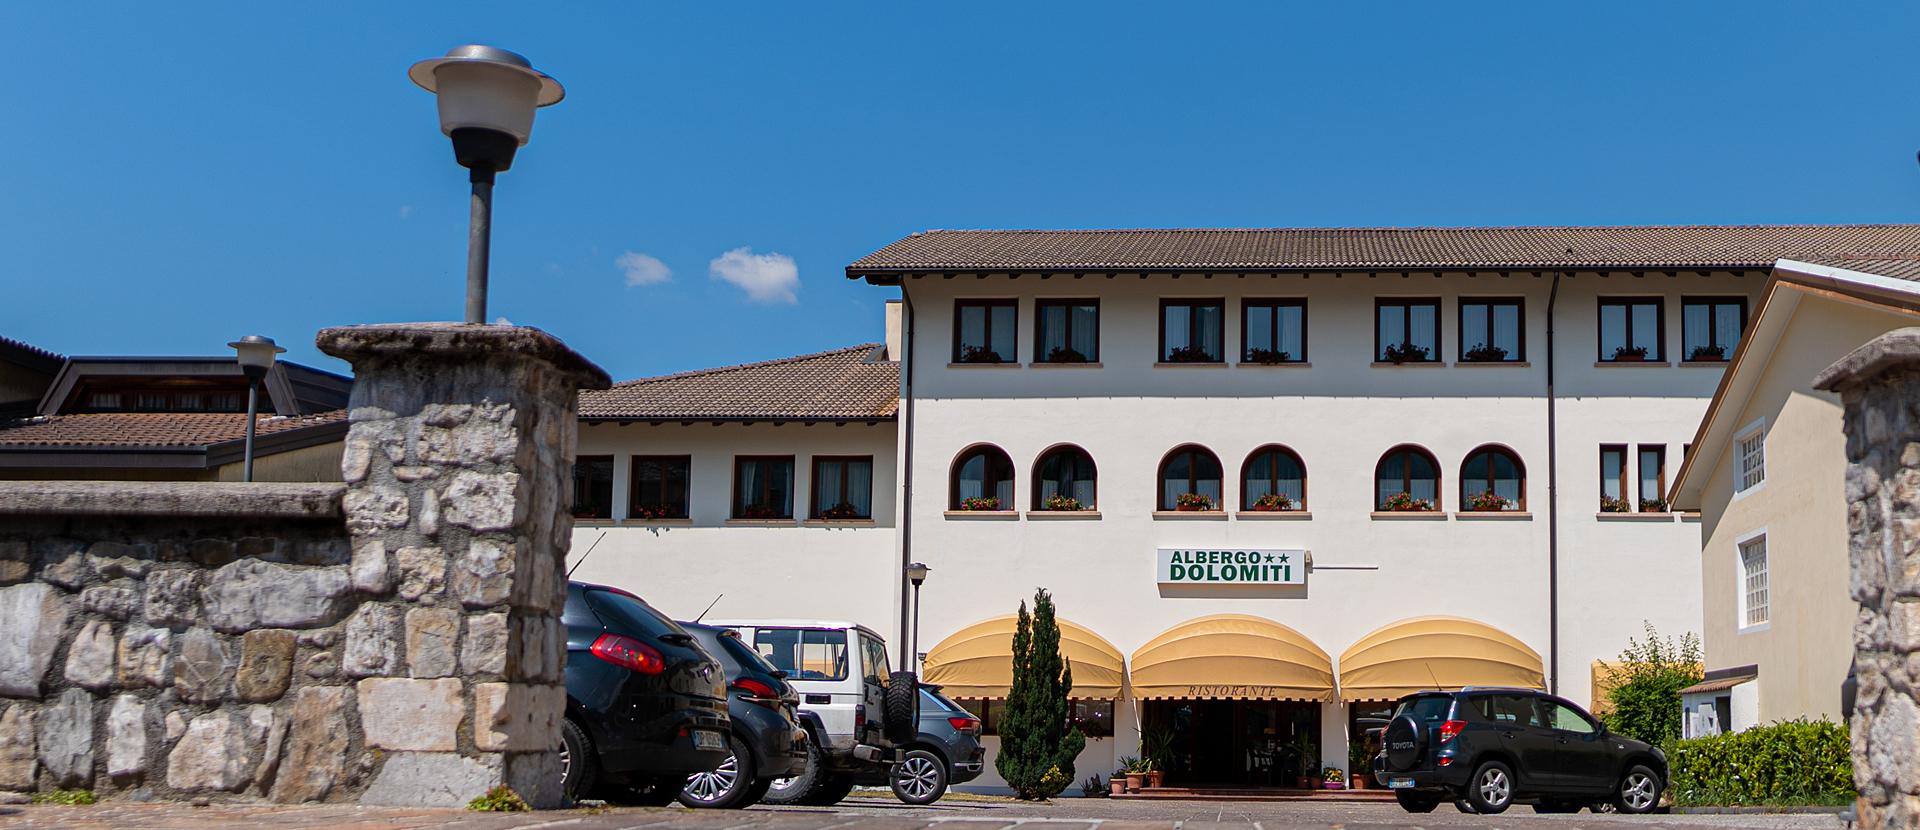 Esterno dell'albergo Dolomiti di Claut